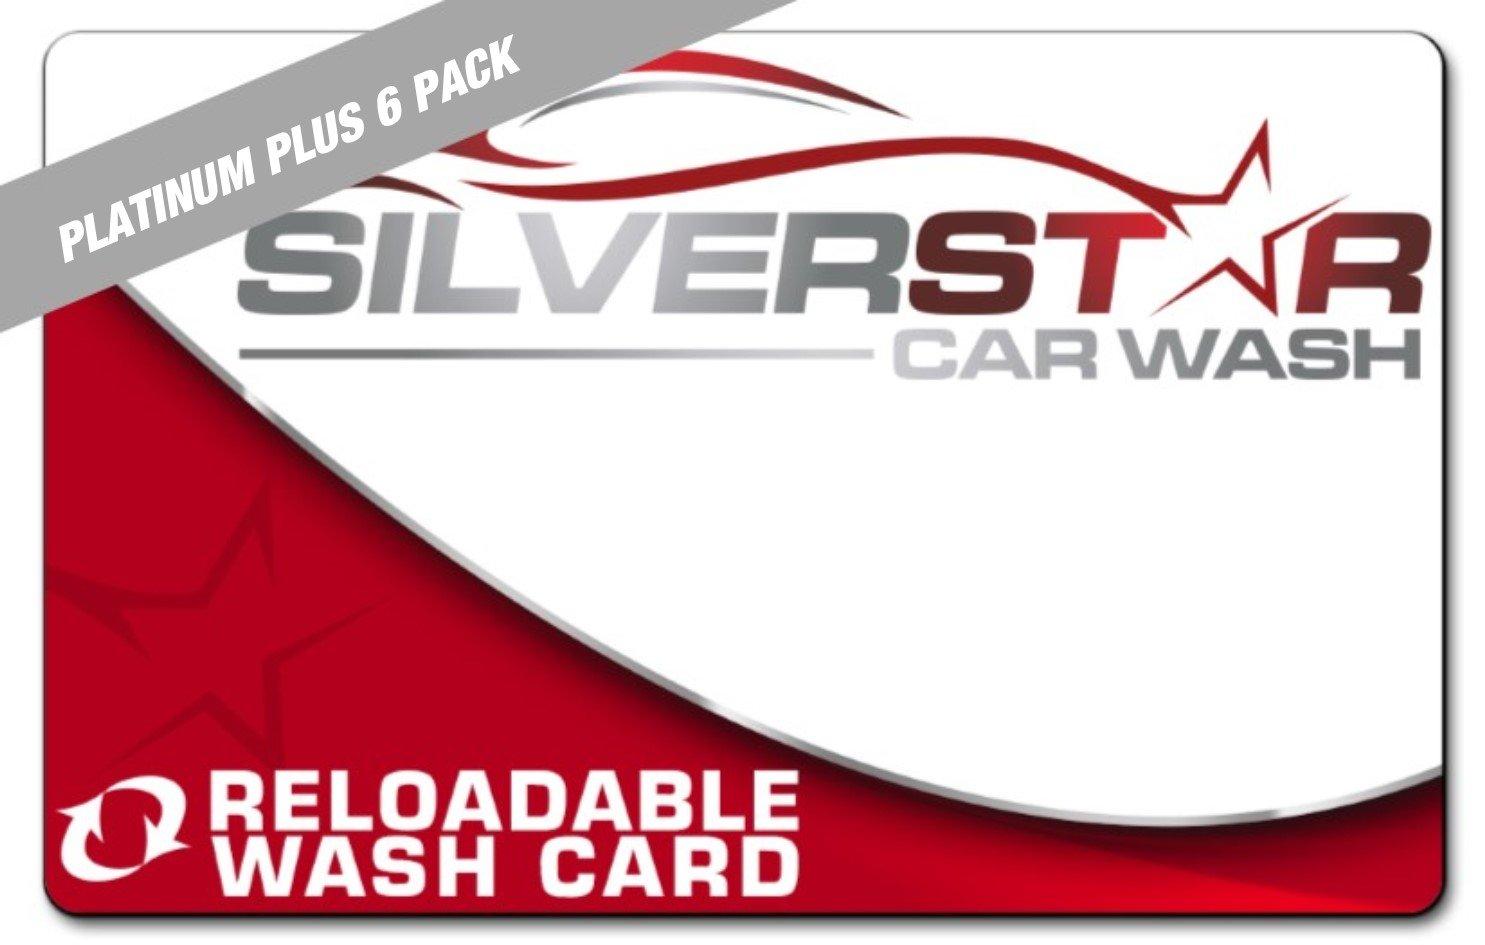 Platinum Plus Wash Card: 6 Pack